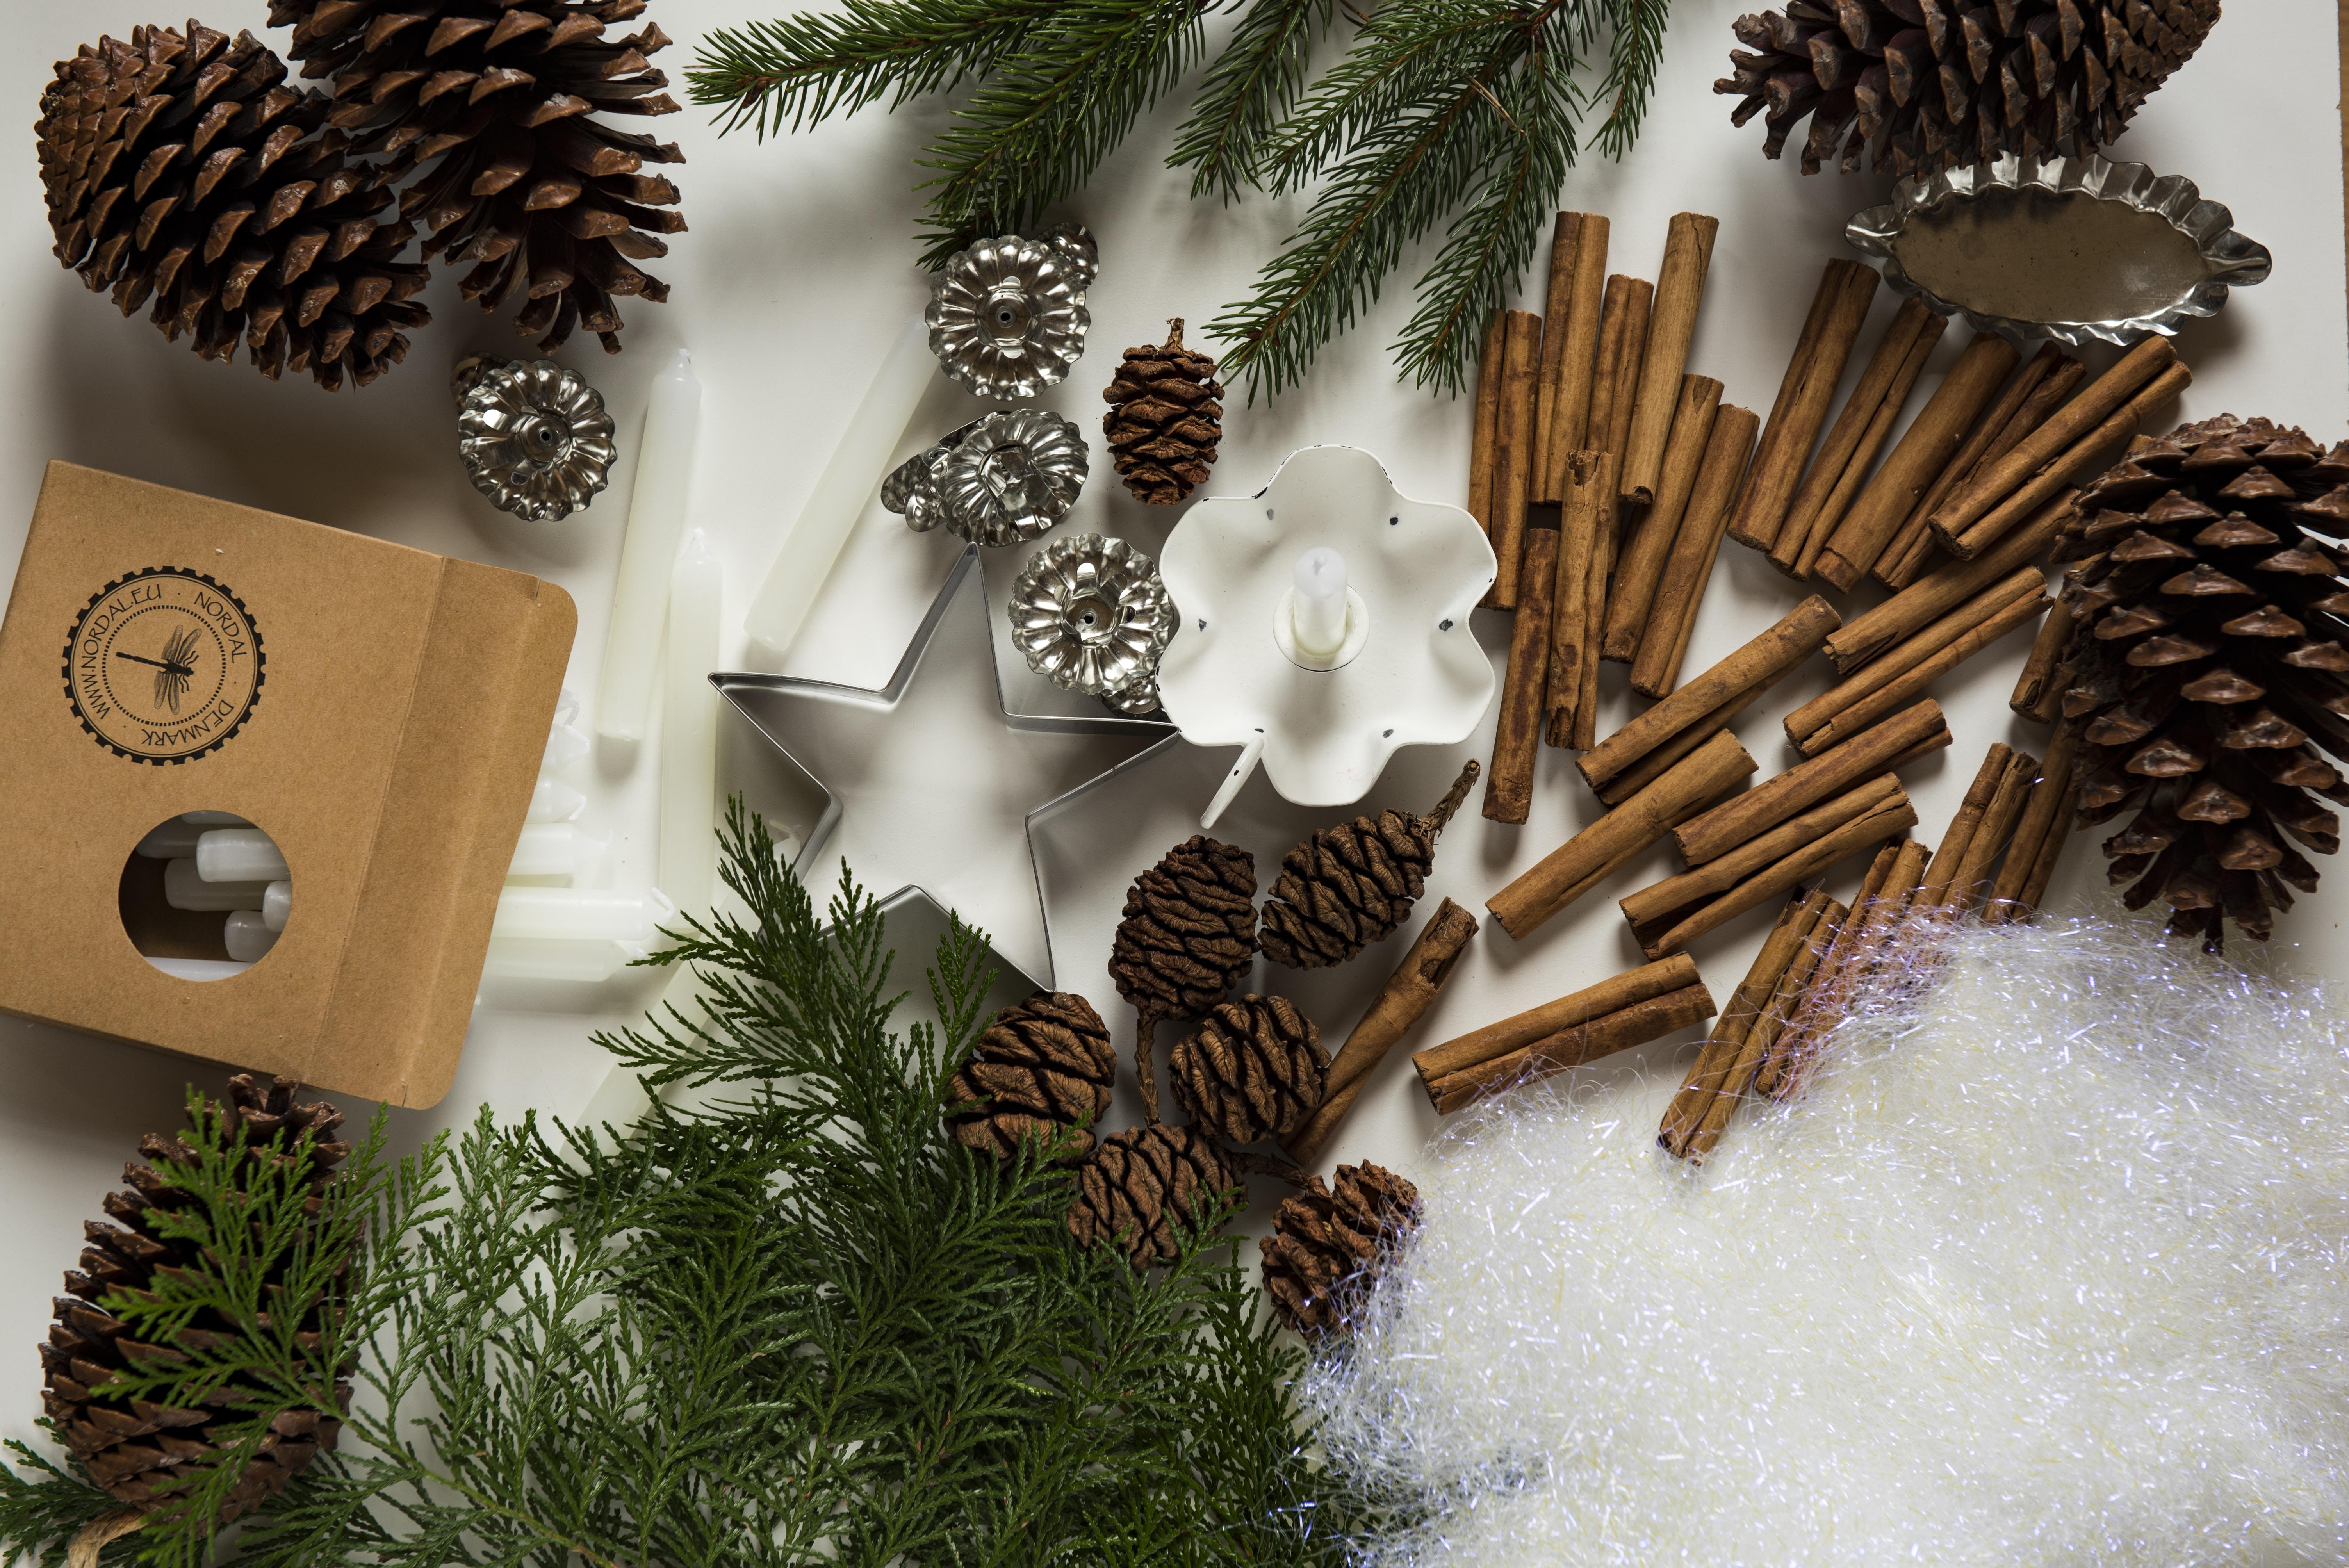 pine cone and cinnamon stick lot